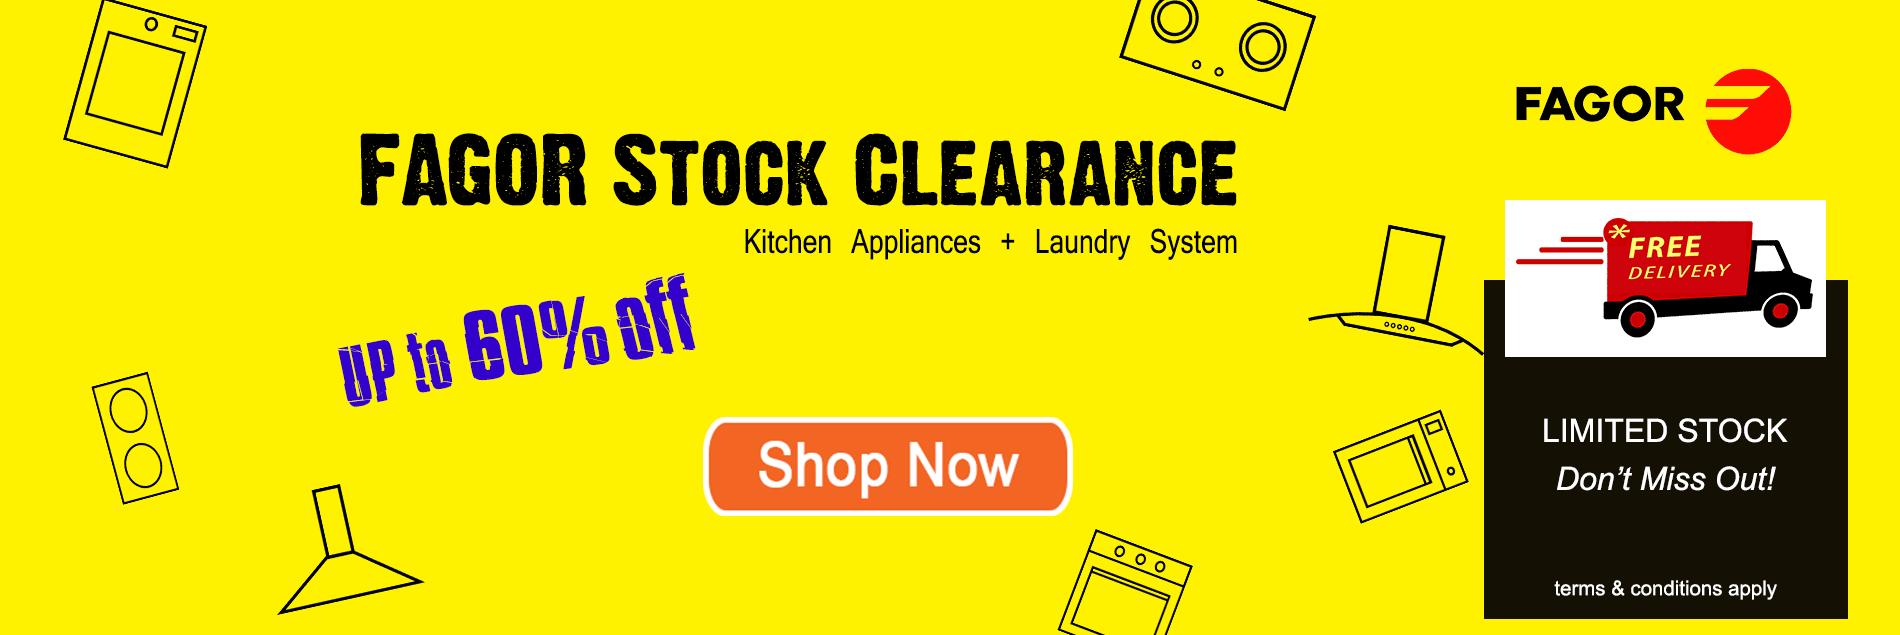 Fagor Mega Stock Clearance